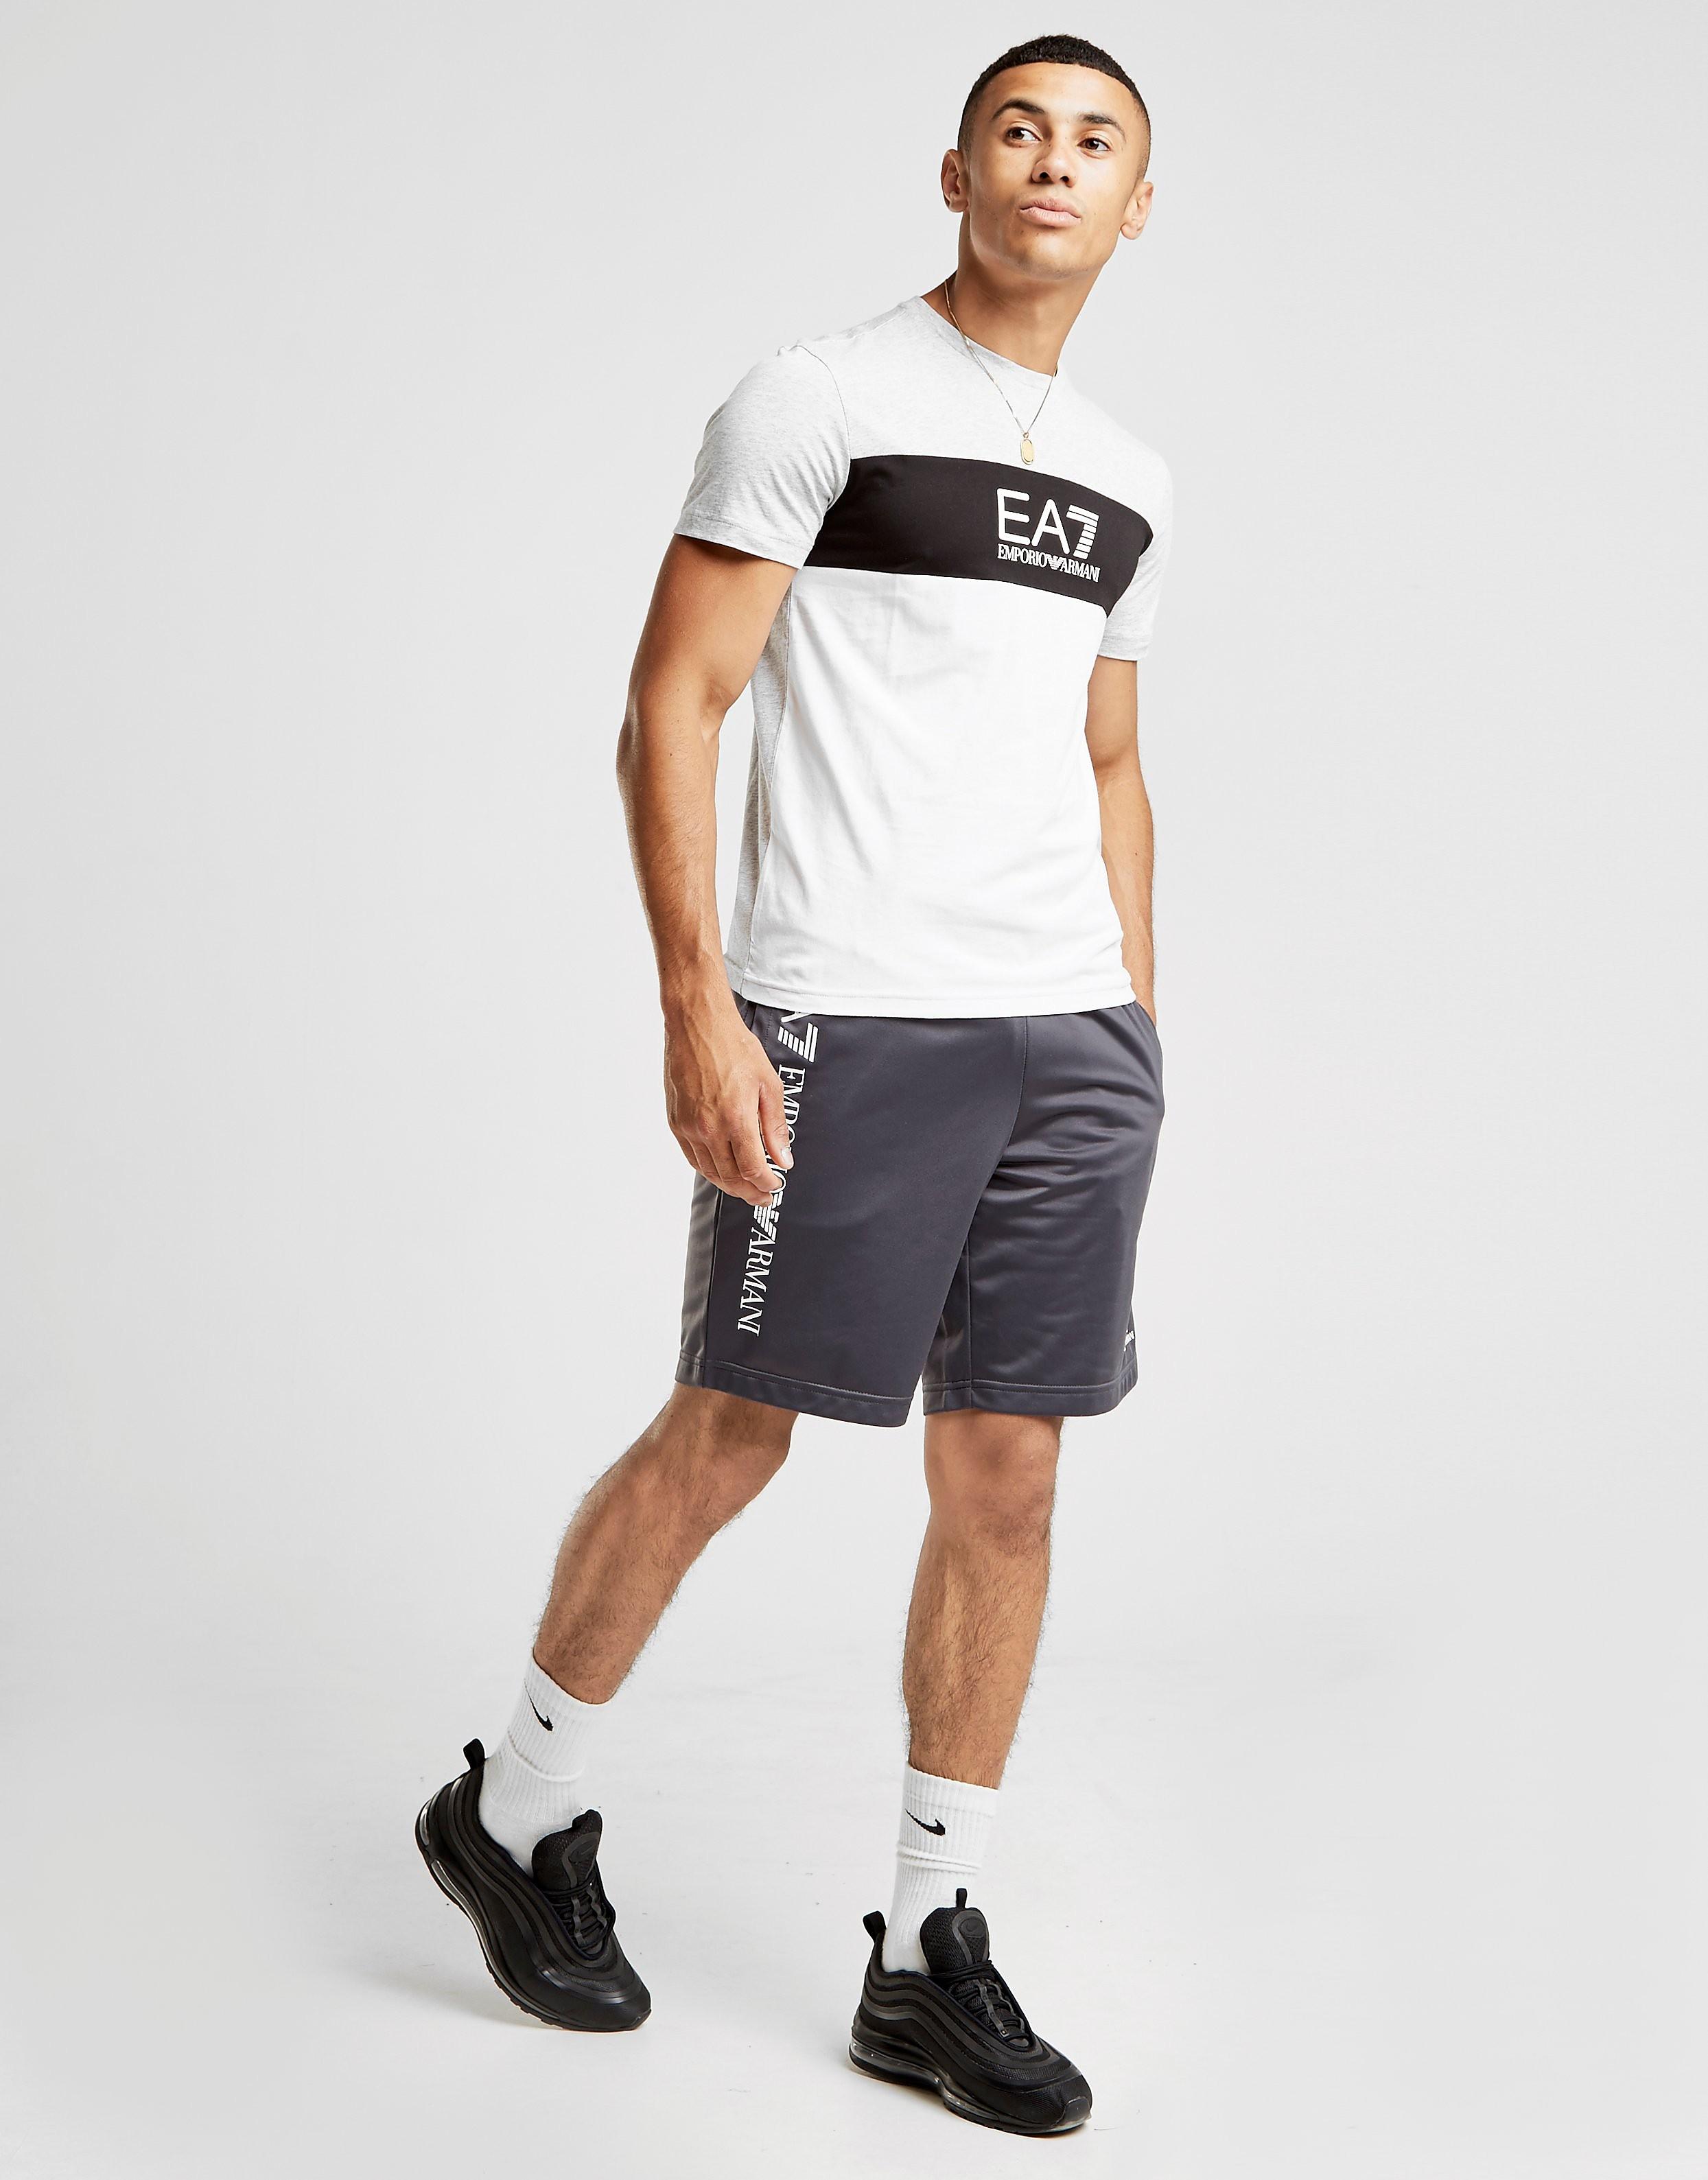 Emporio Armani EA7 Colourblock Central Logo T-Shirt Homme